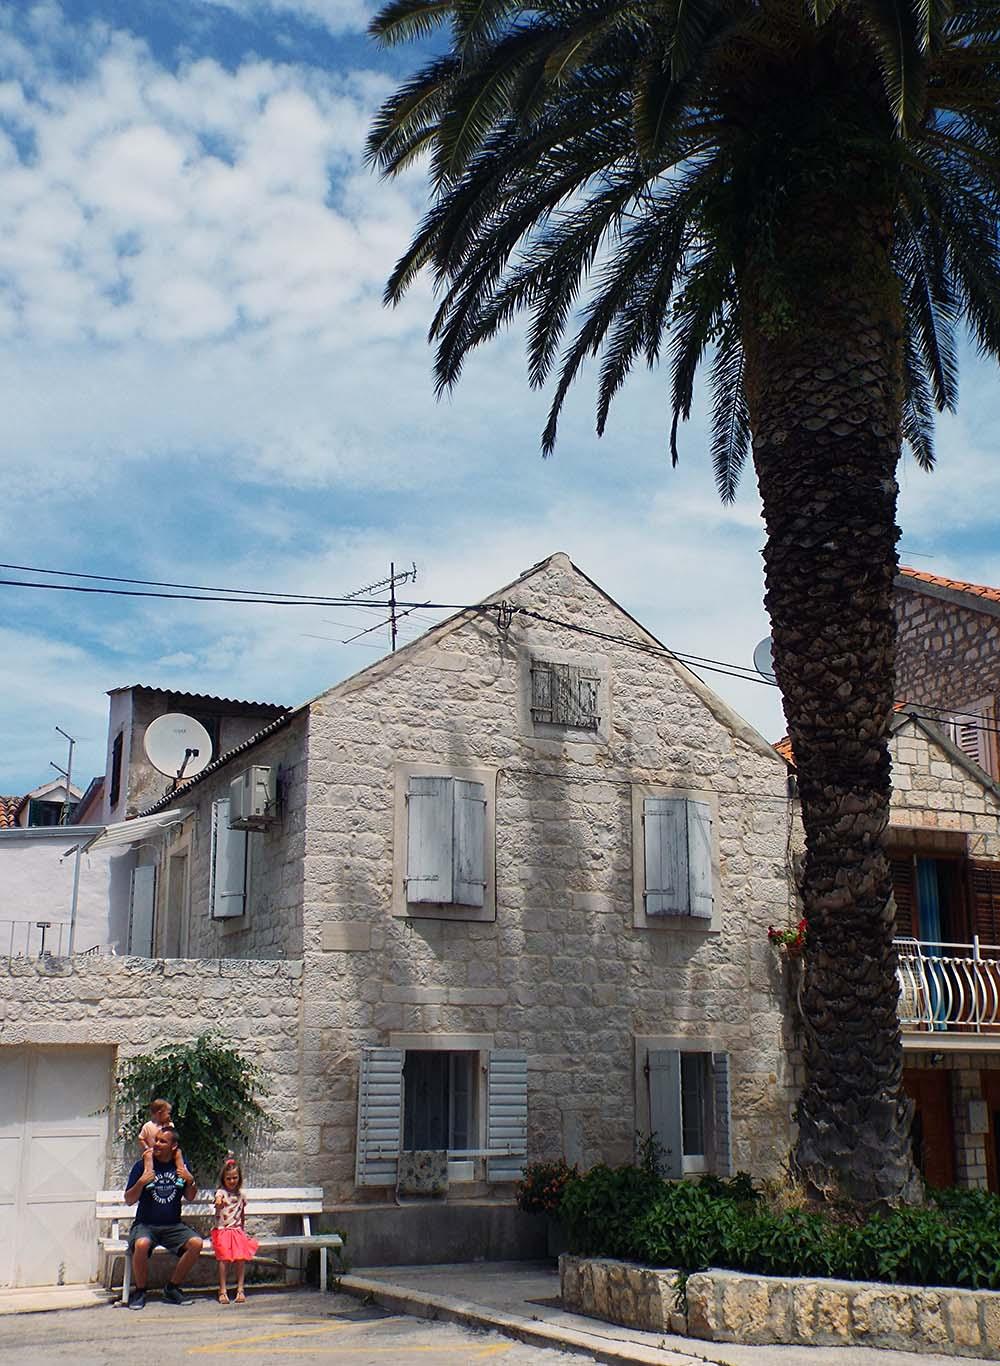 Chorwacja-wakacje-samochodem-Trogir-miasto